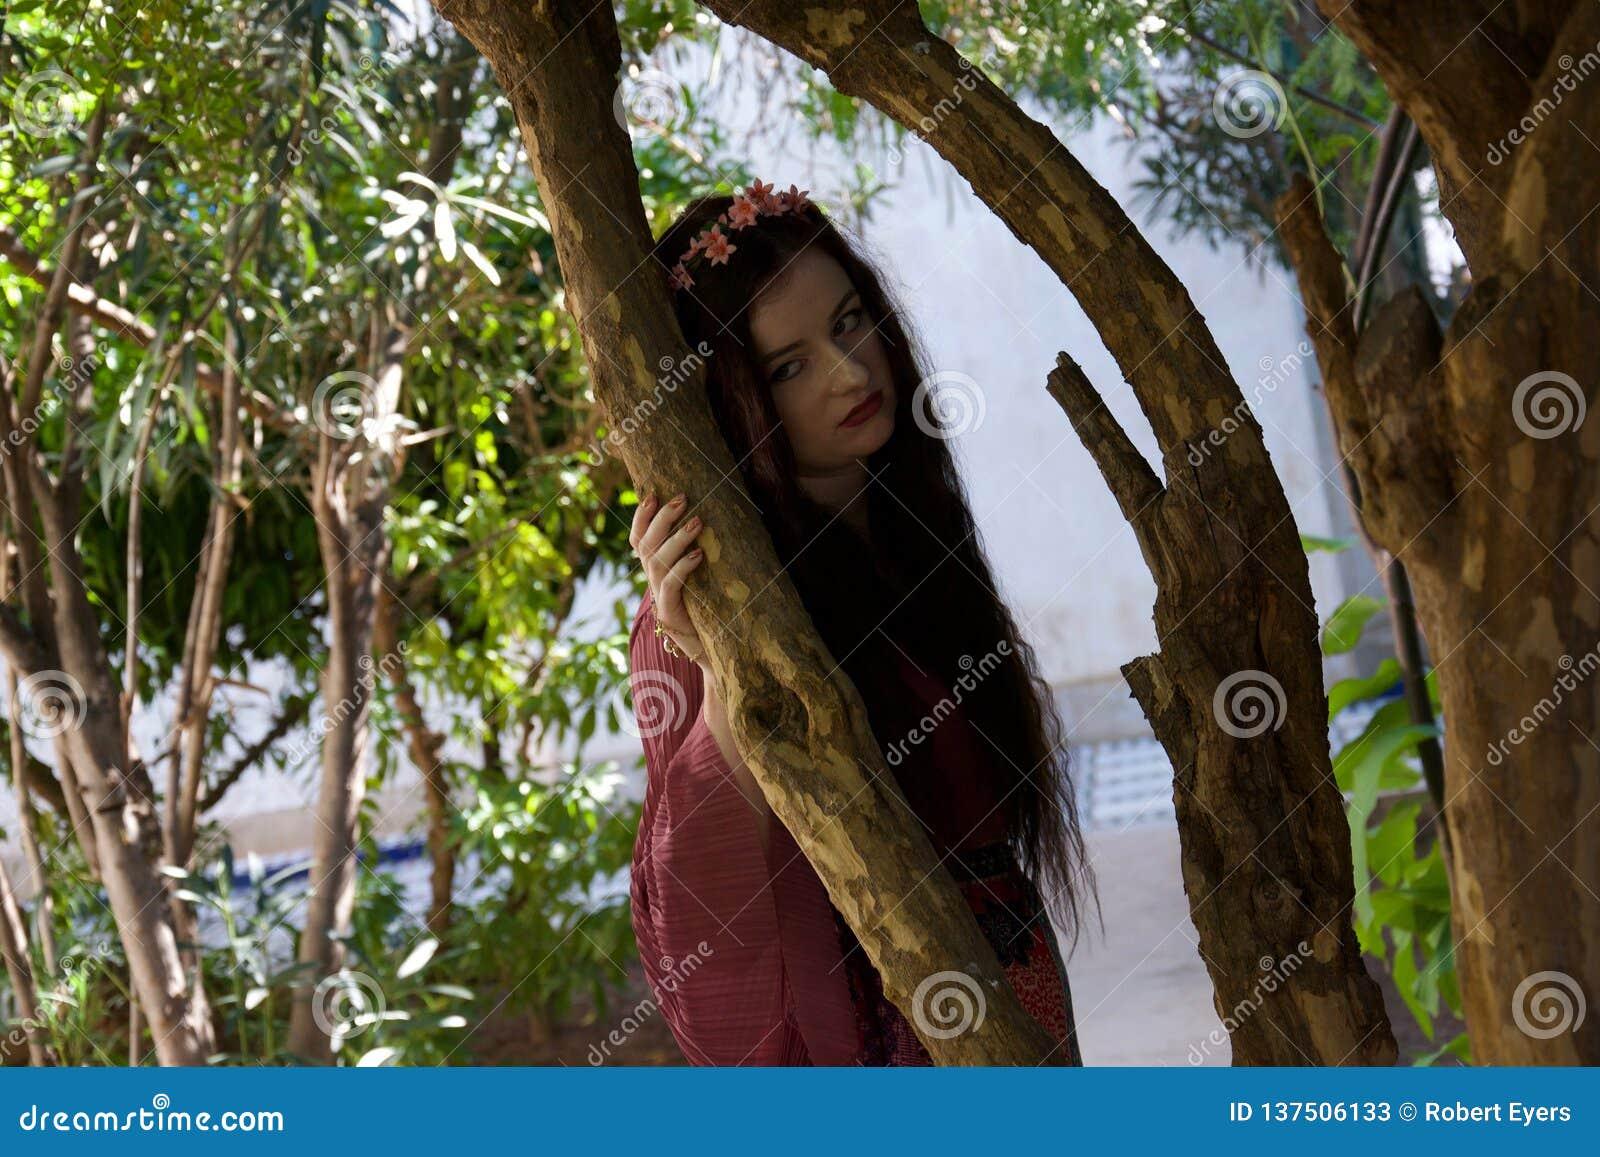 易怒的嬉皮女孩倾斜反对树